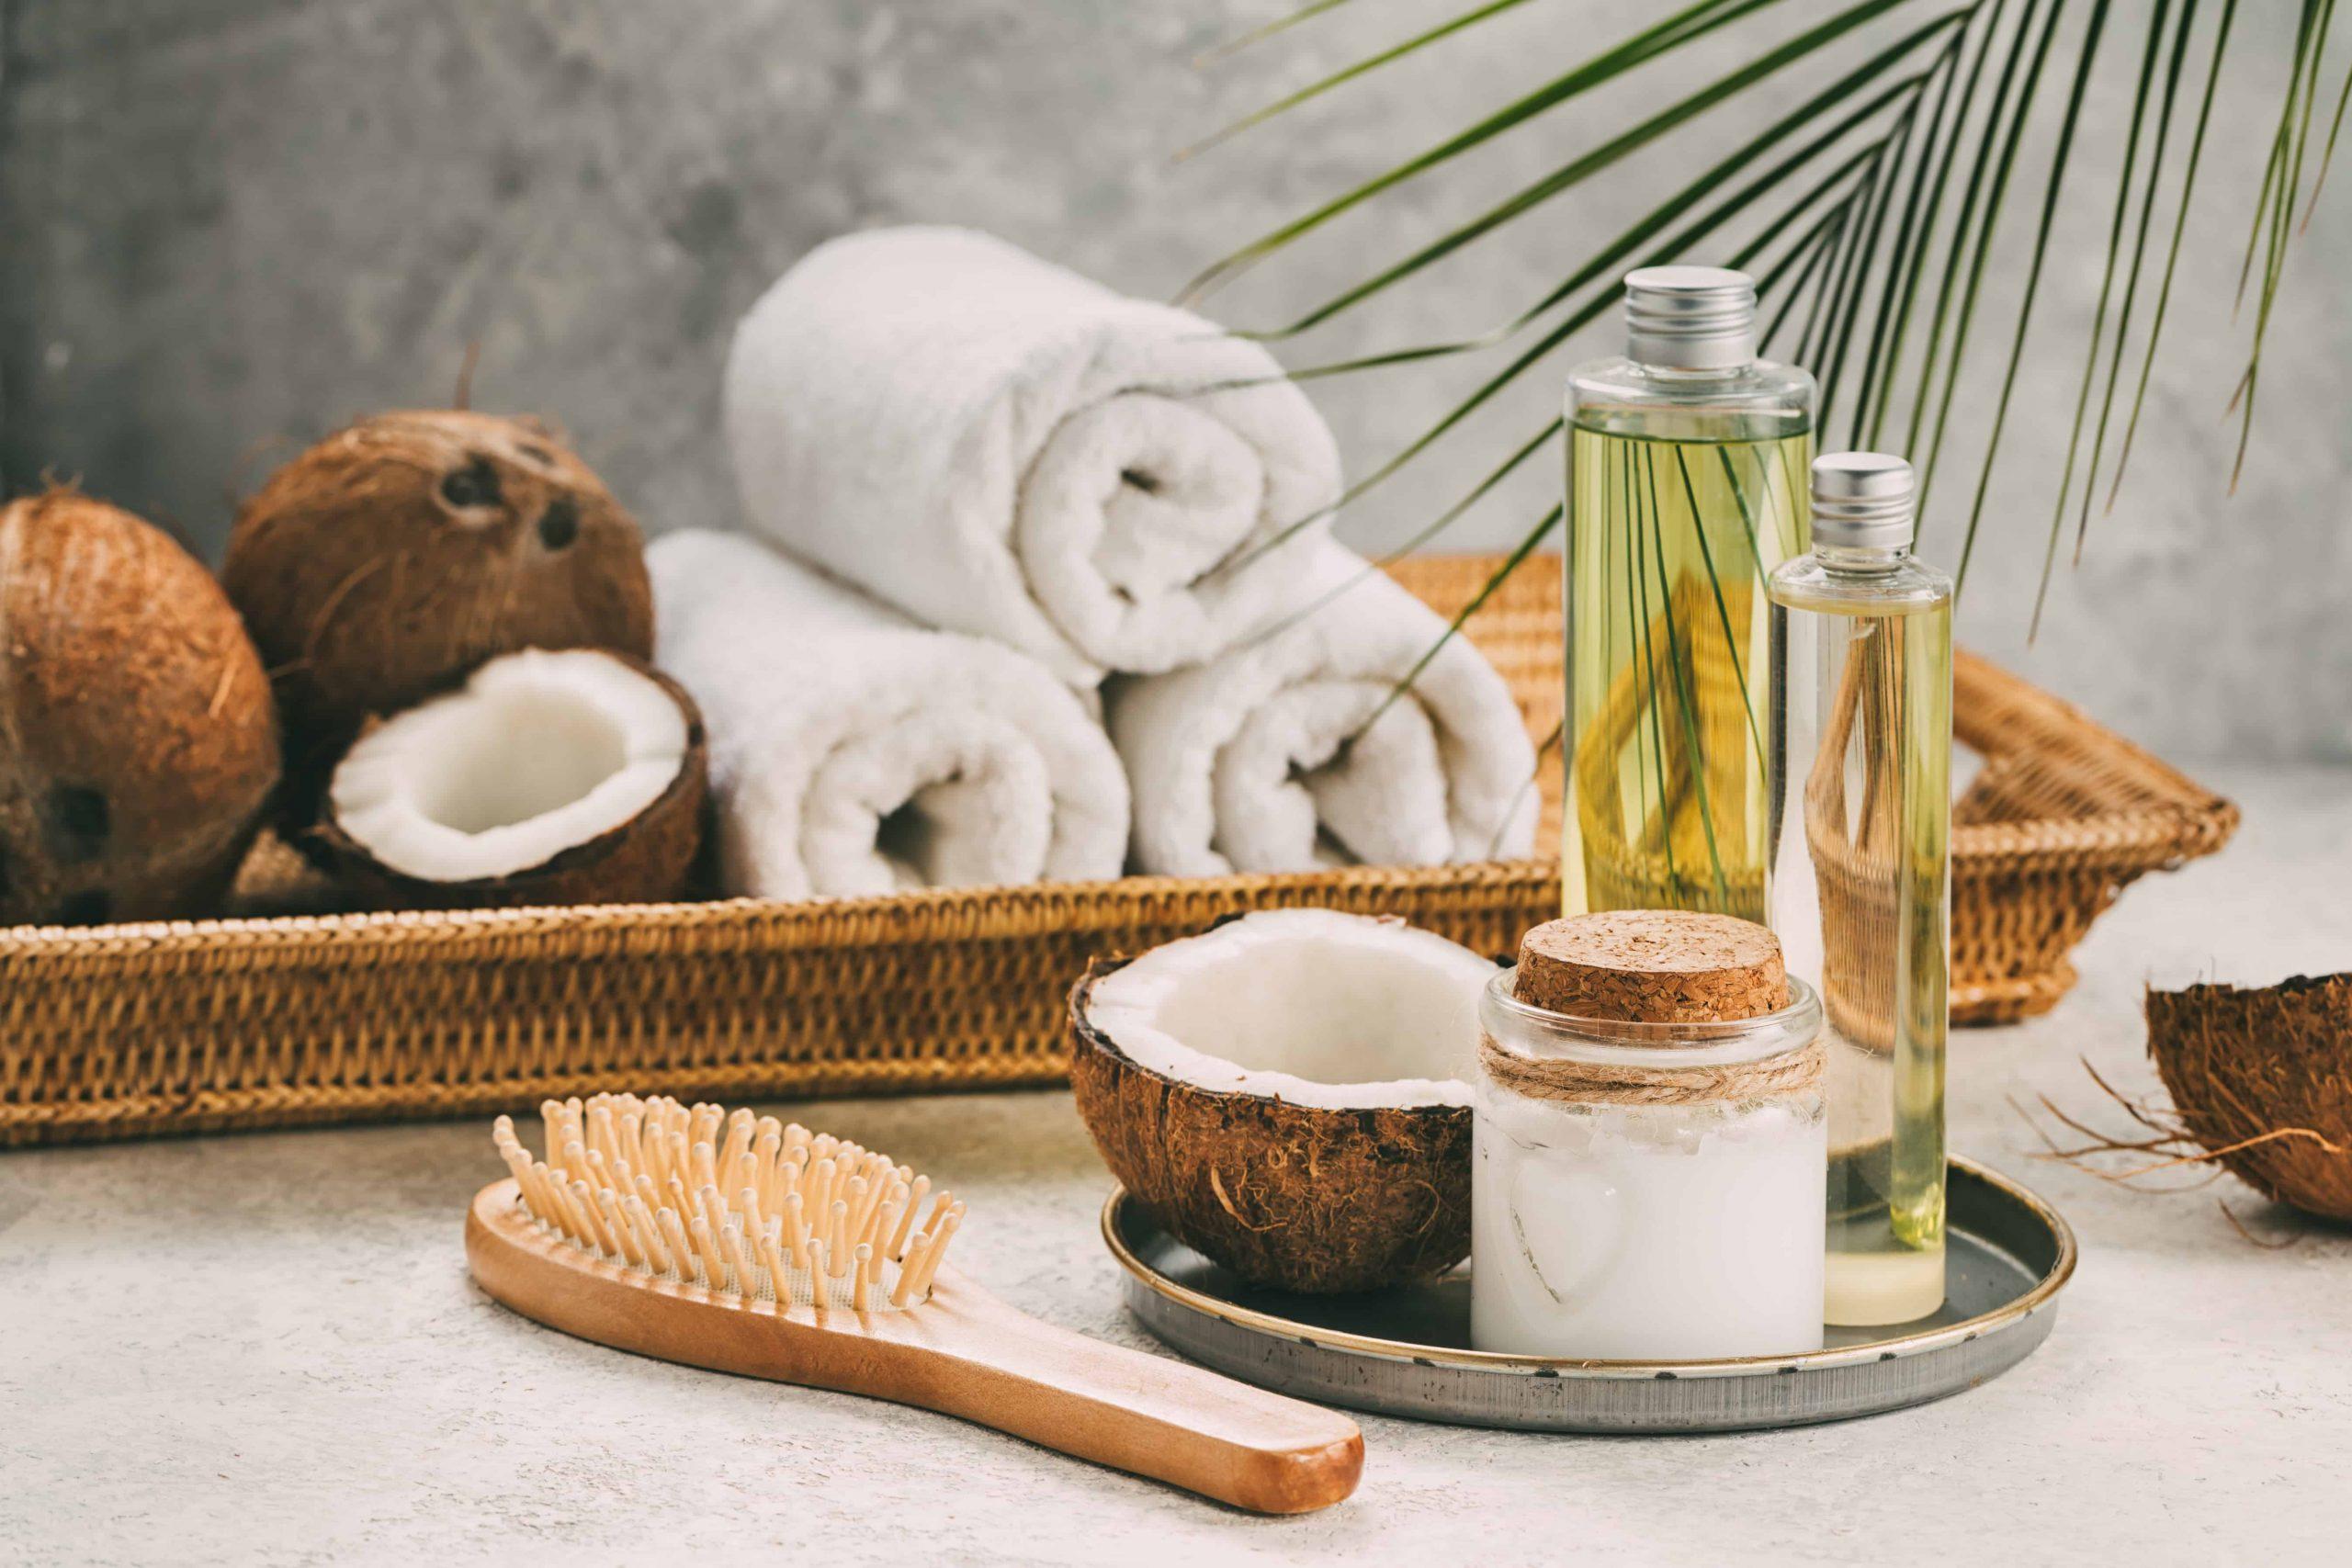 Kokosöl für die Haut: Die wichtigsten Fragen und Antworten